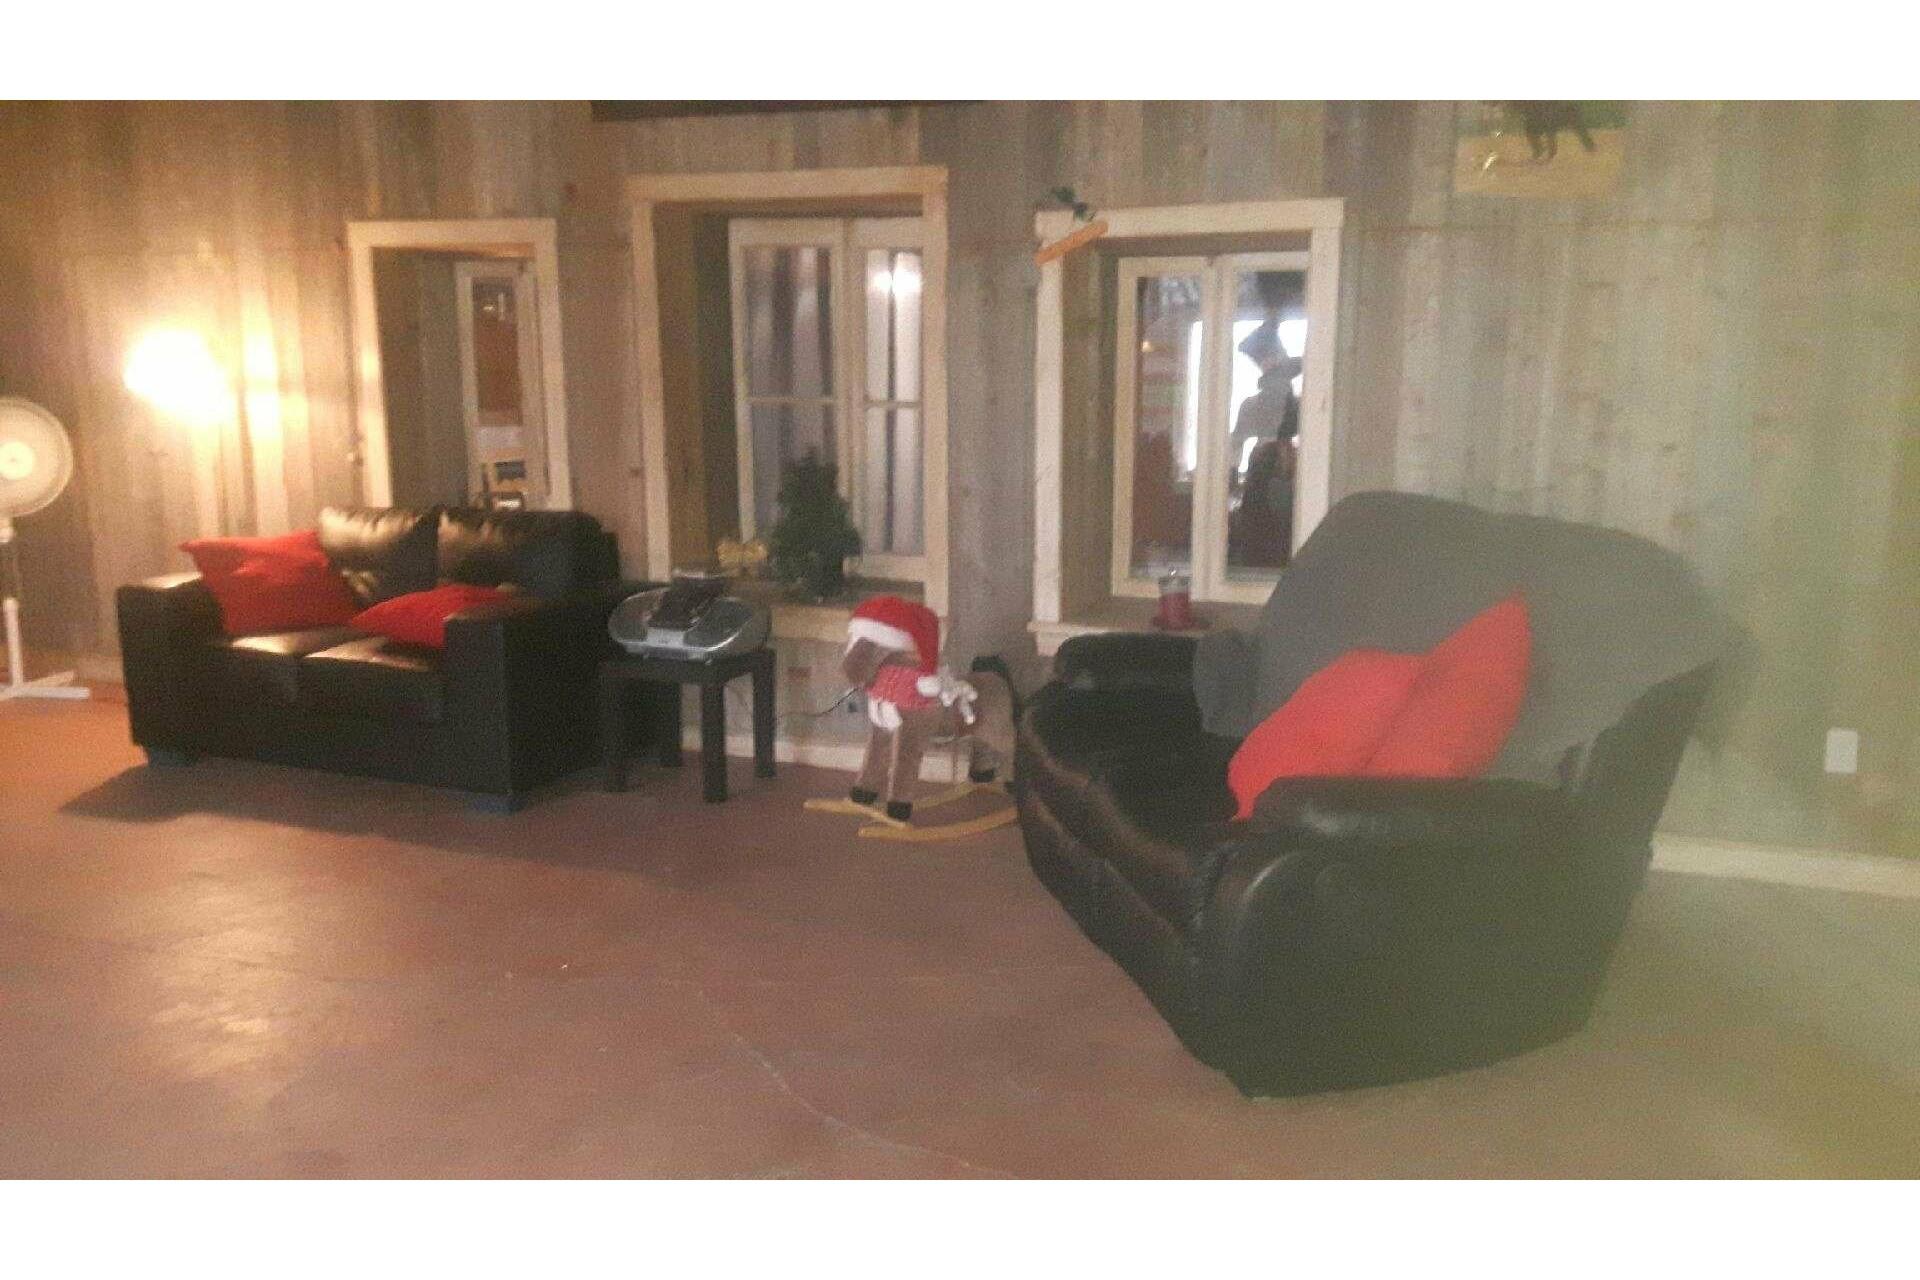 image 16 - Farmhouse For sale Notre-Dame-du-Bon-Conseil - Paroisse - 5 rooms